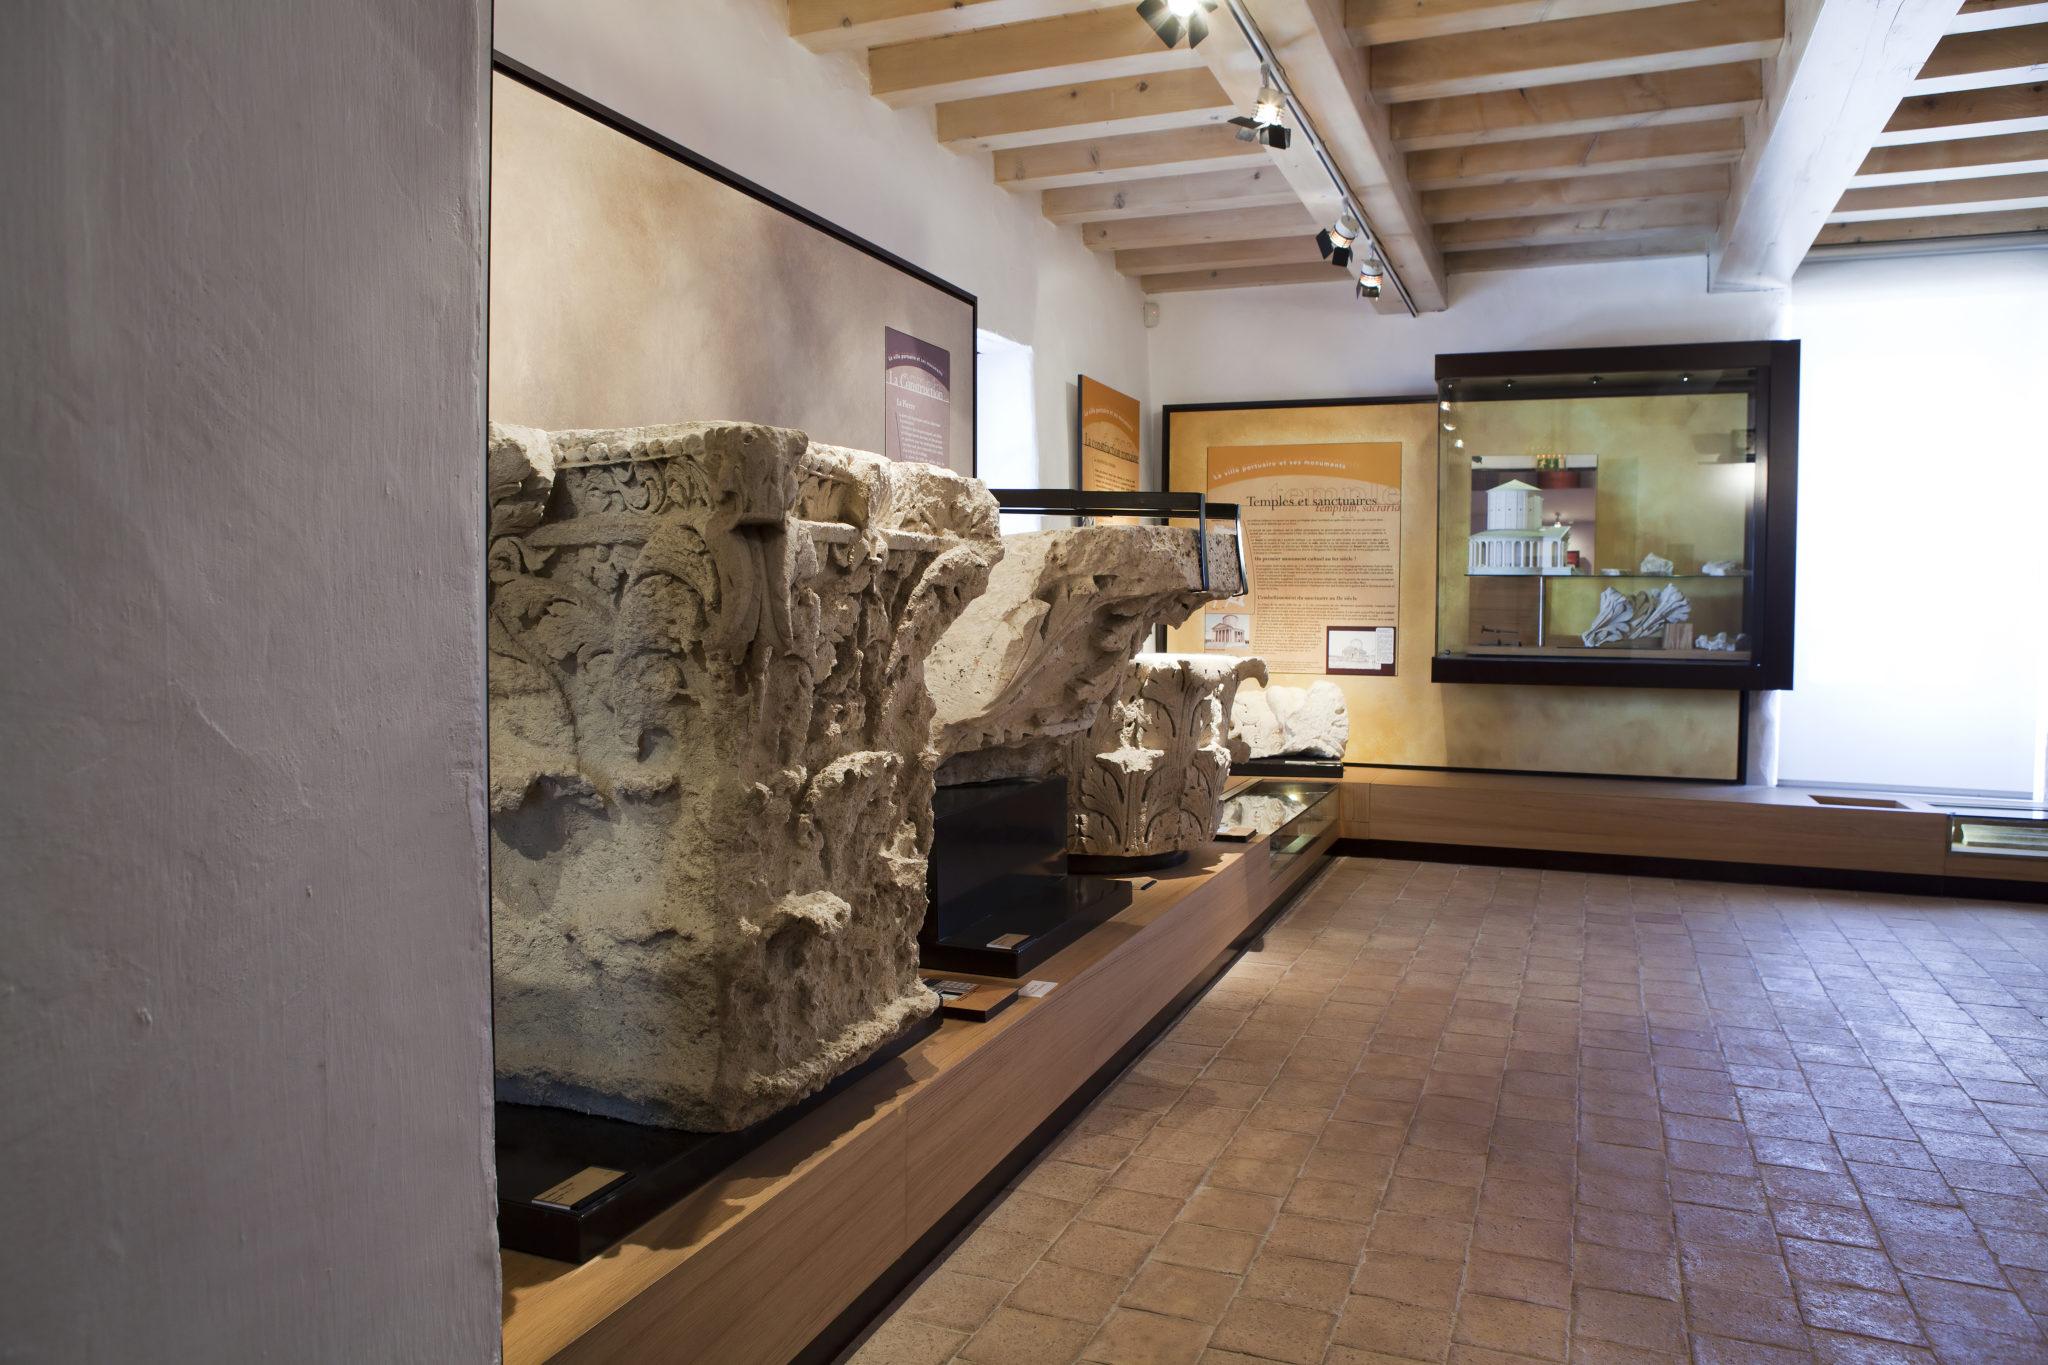 Salle de l'architecture et les monuments - Musée - Site du Fâ